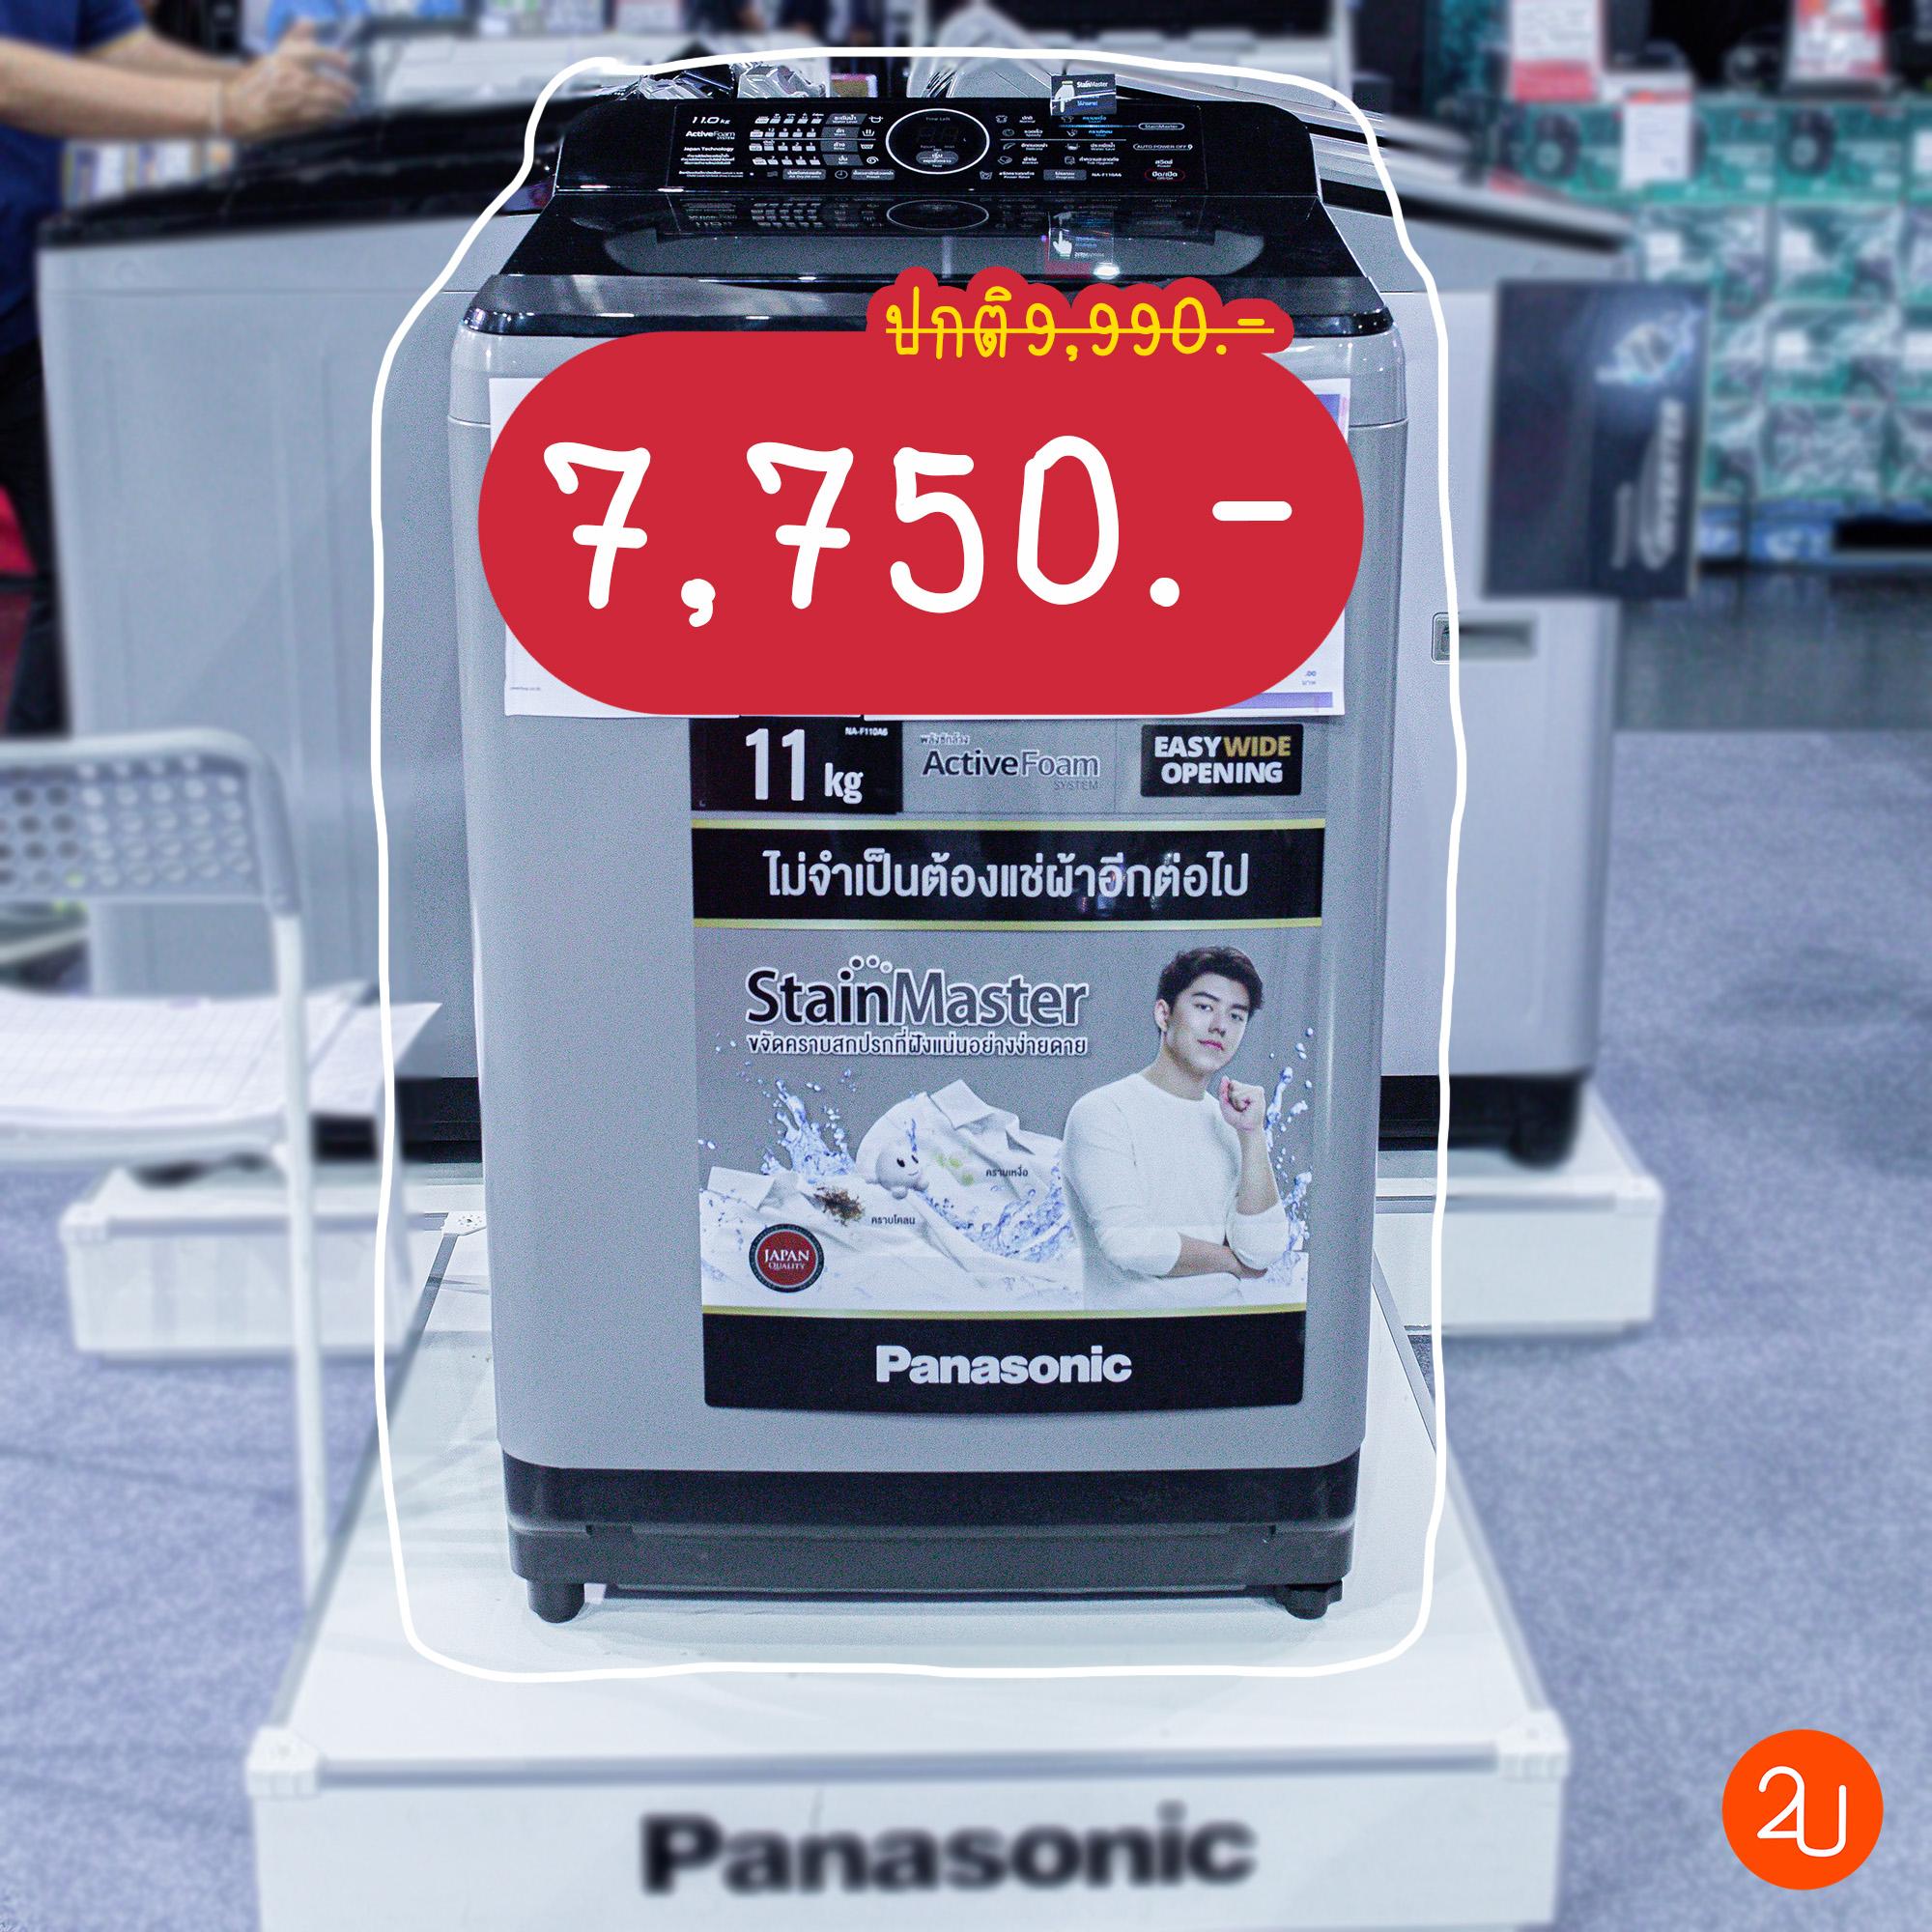 เครื่องซักผ้า Panasonic ขนาด 11 kg. ลดเหลือ 7,750.- (จากปกติ 9,990.-)